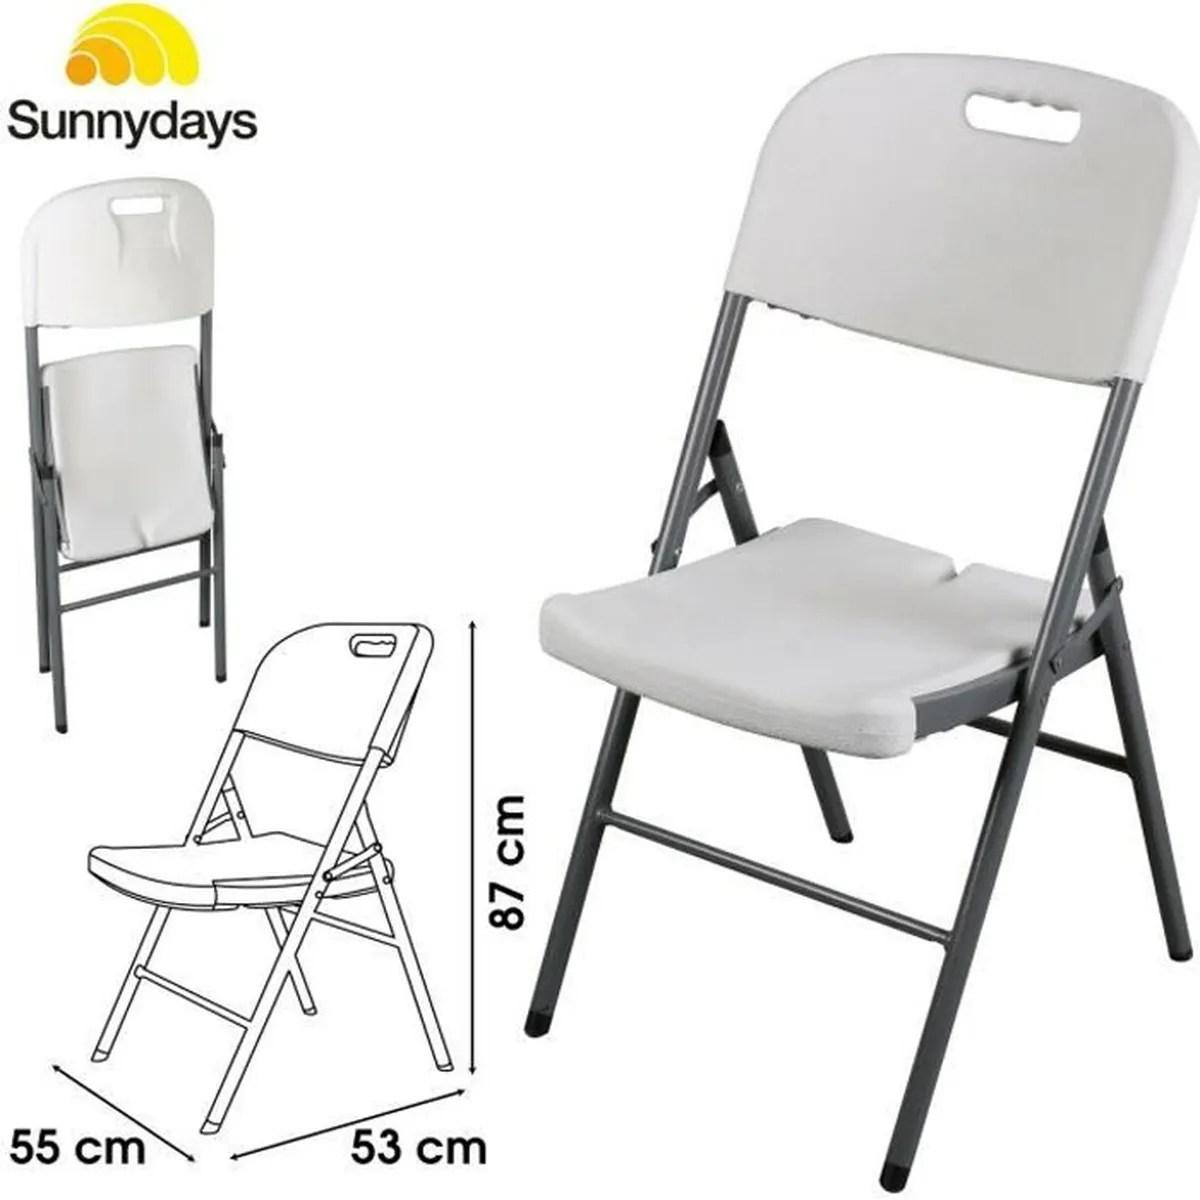 chaise pliante pliable reception reunion jardin exterieure plastique bureau